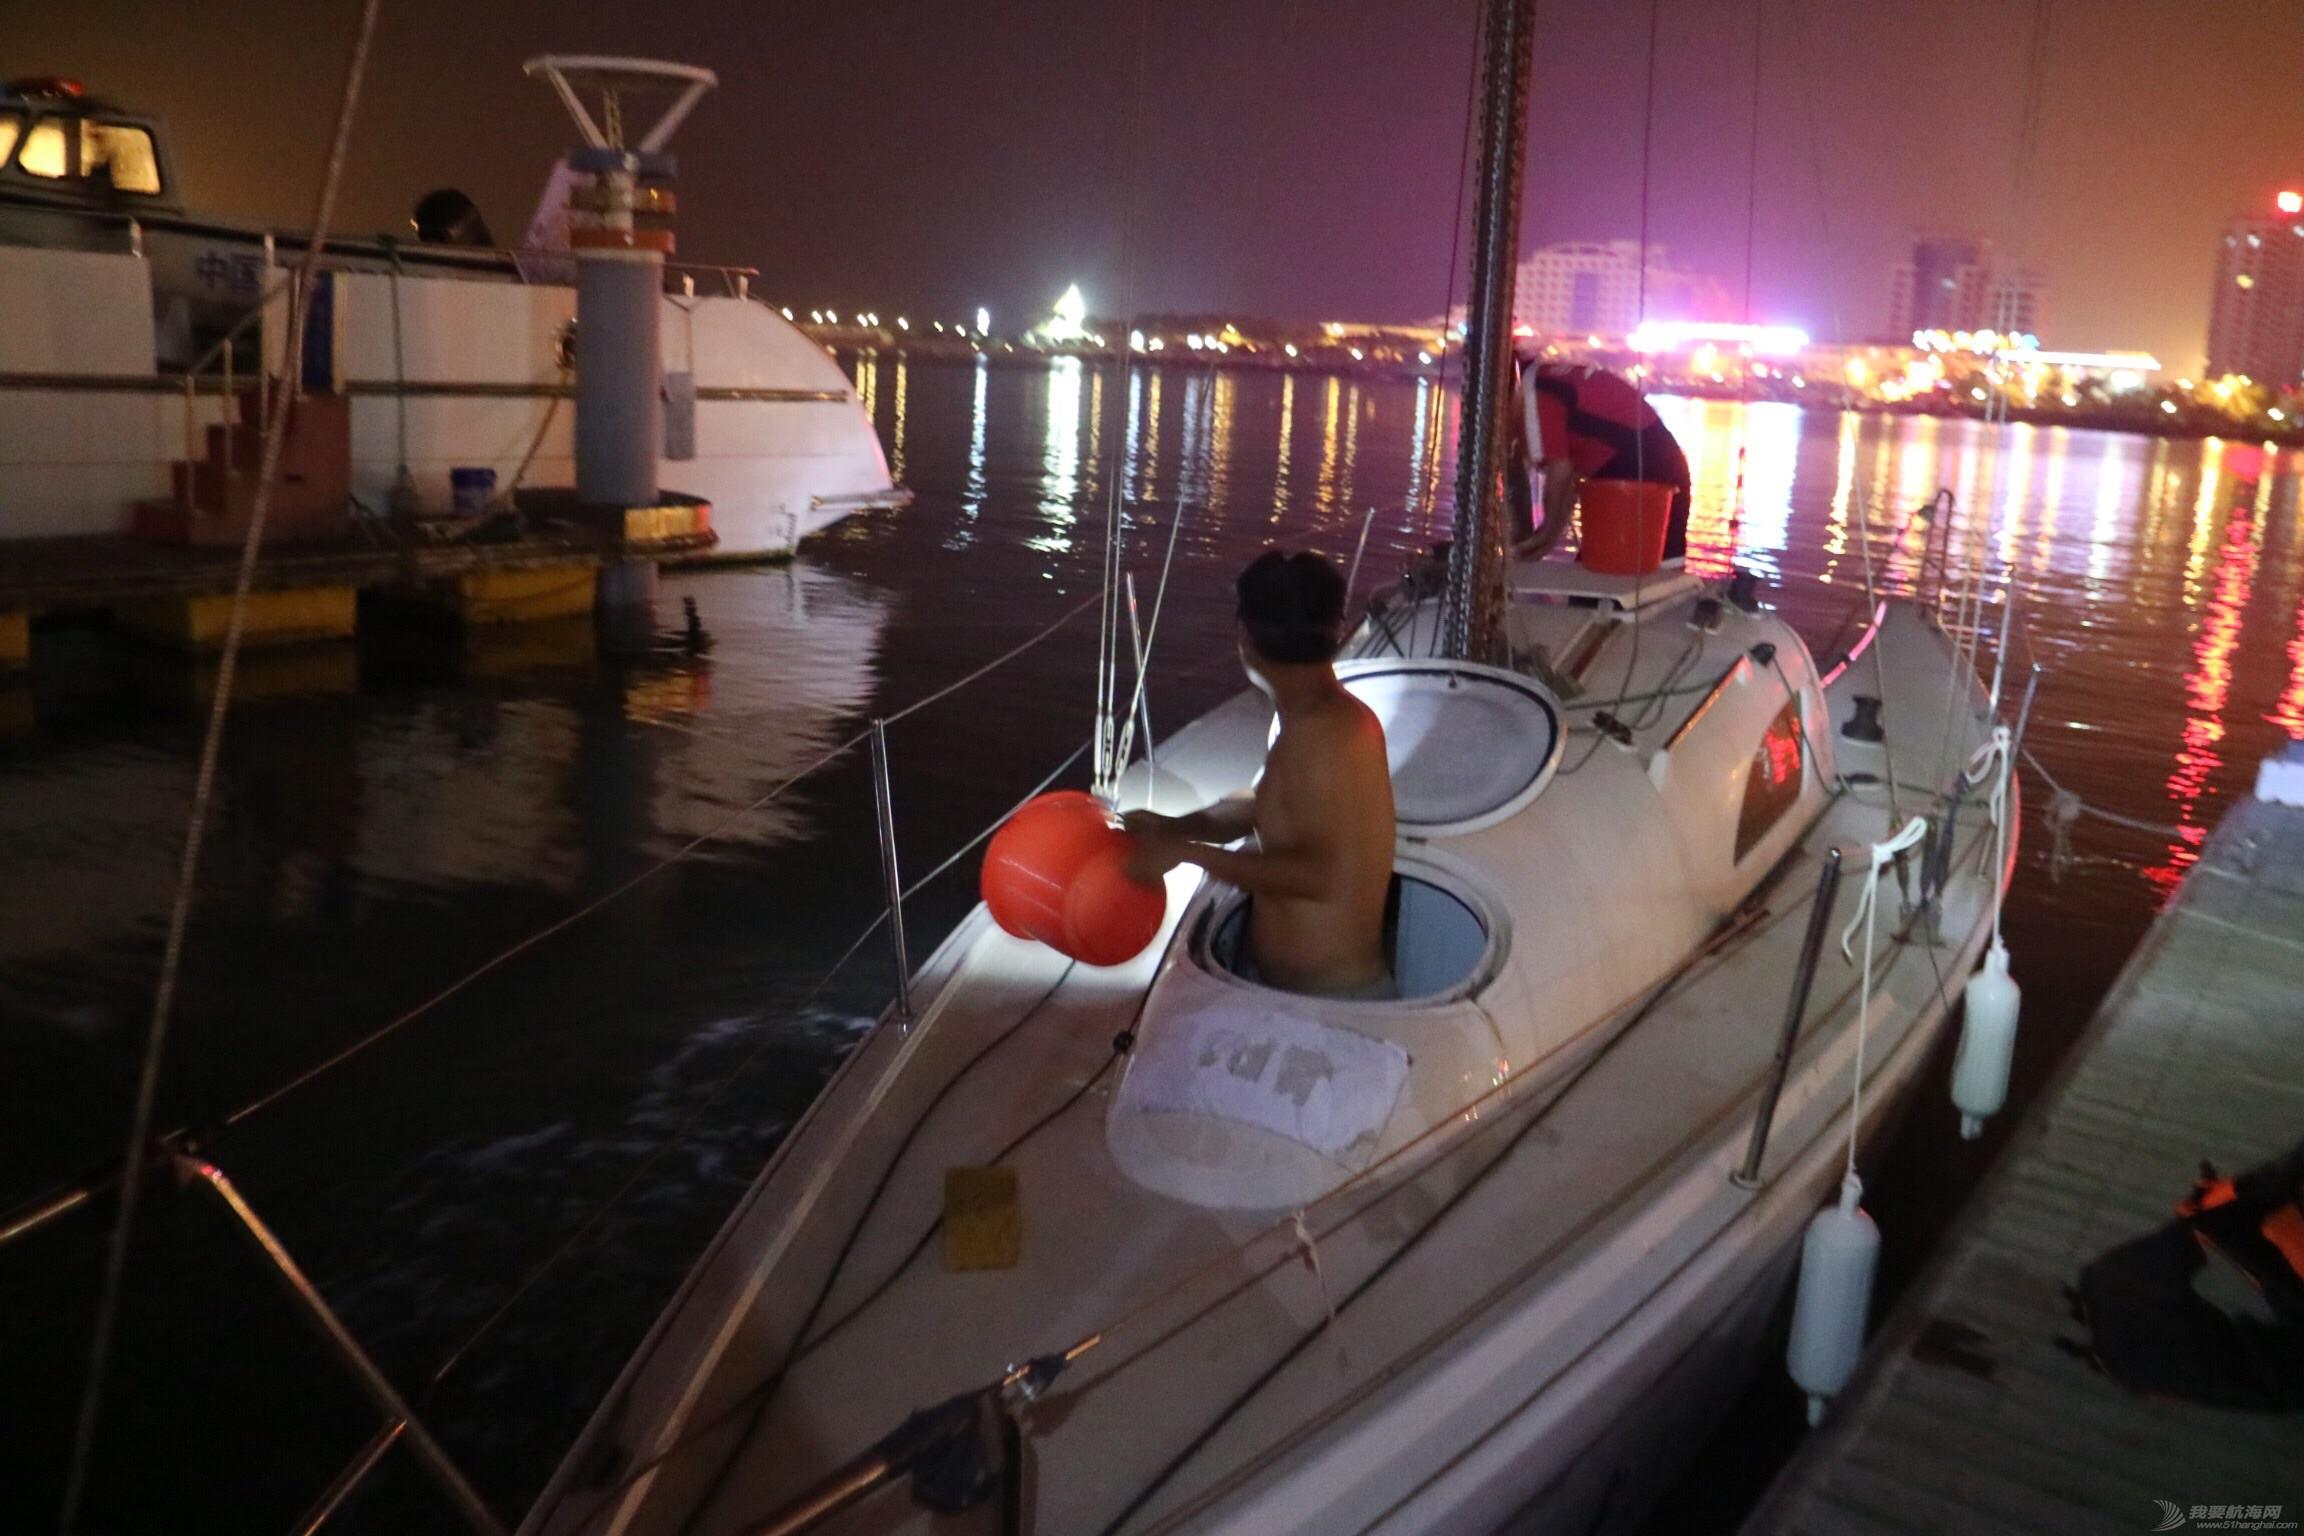 什么什么,大海,帆船,电话,筷子 cat 的航海日志之(幽灵把帆船推入了大海)19章节 image.jpg